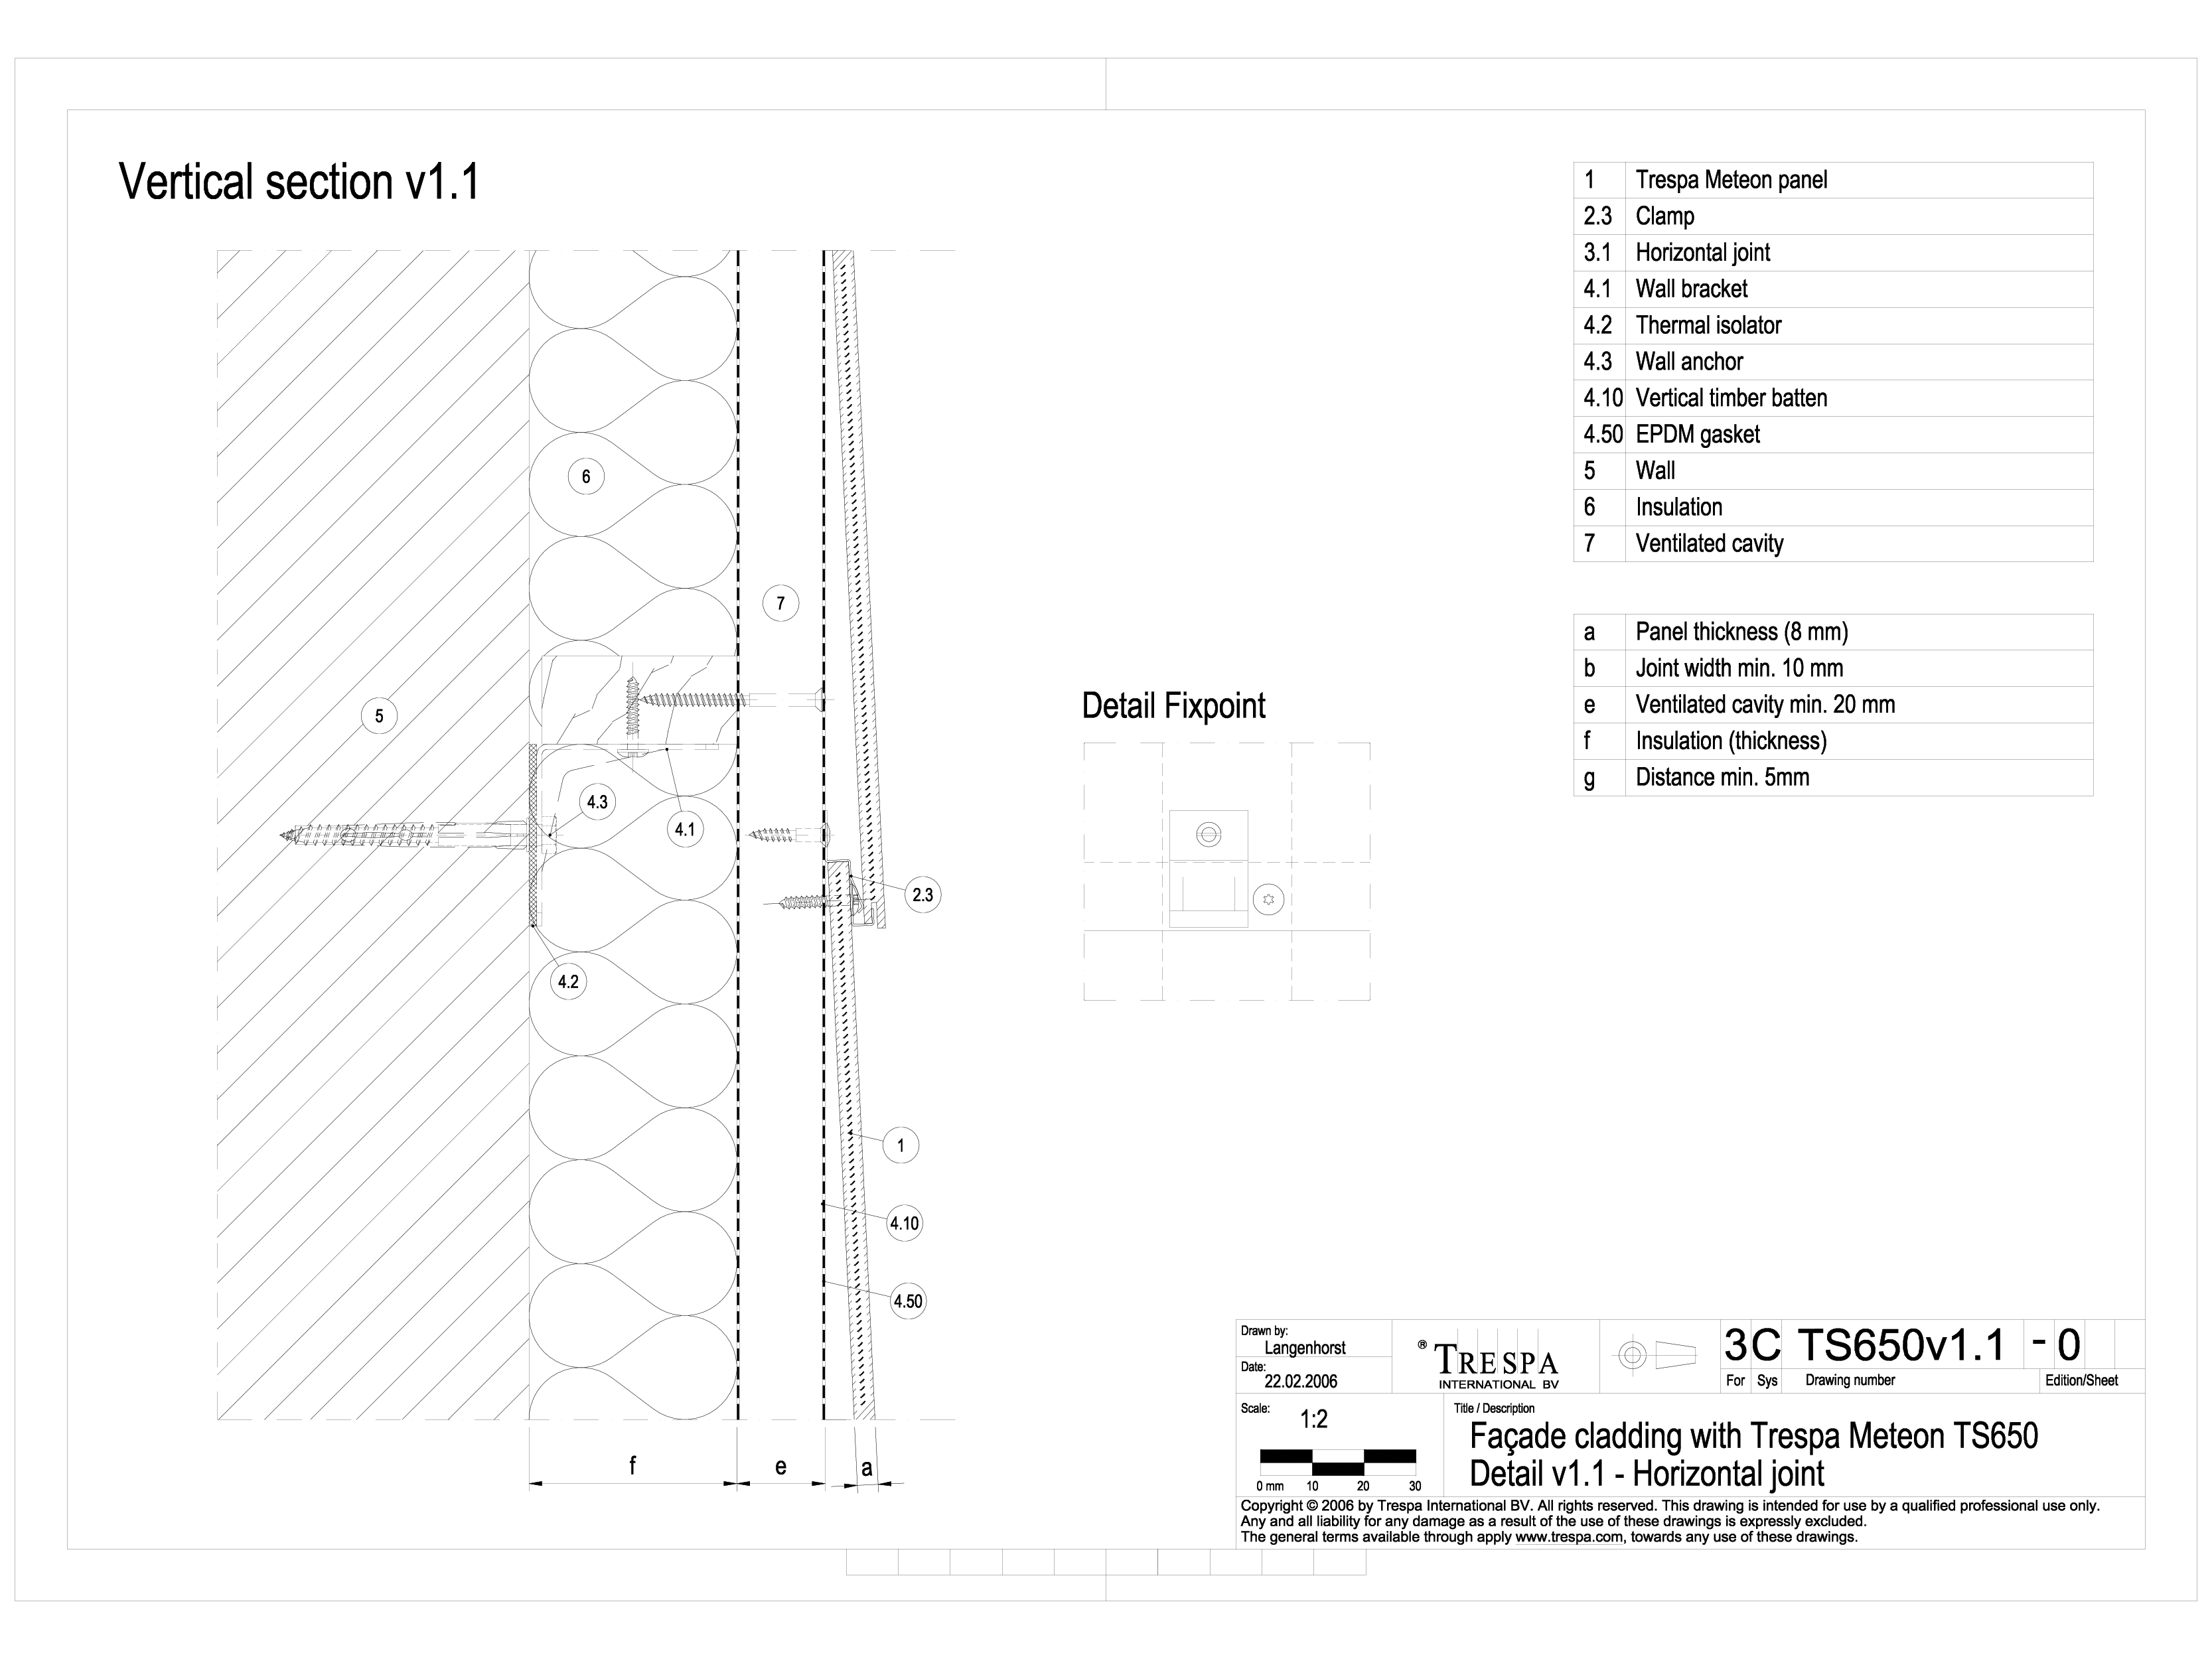 Sisteme de prindere fatade ventilate cu clame, detaliu de imbinare pe orizontala METEON TRESPA Placi HPL pentru fatade ventilate GIBB TECHNOLOGIES  - Pagina 1